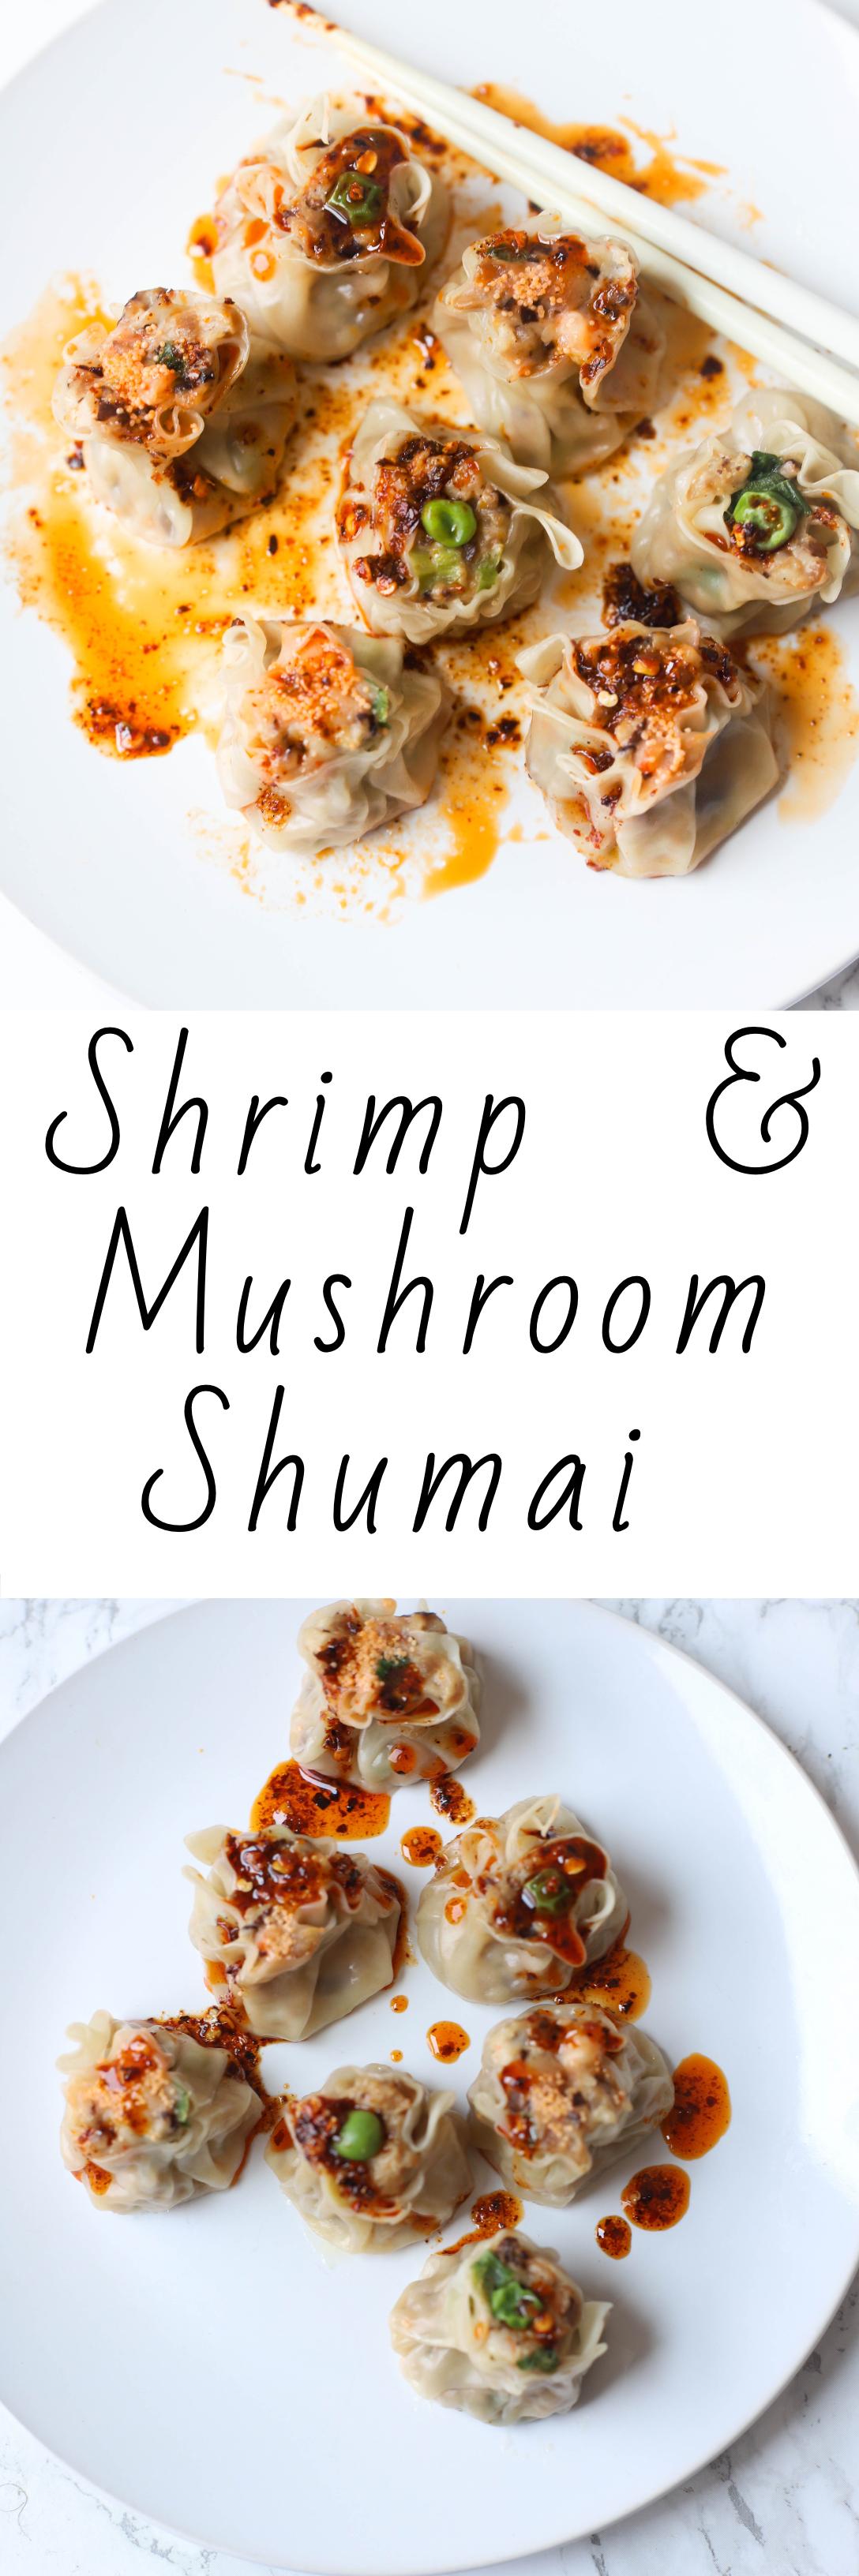 shrimp & mushroom shumai.jpg